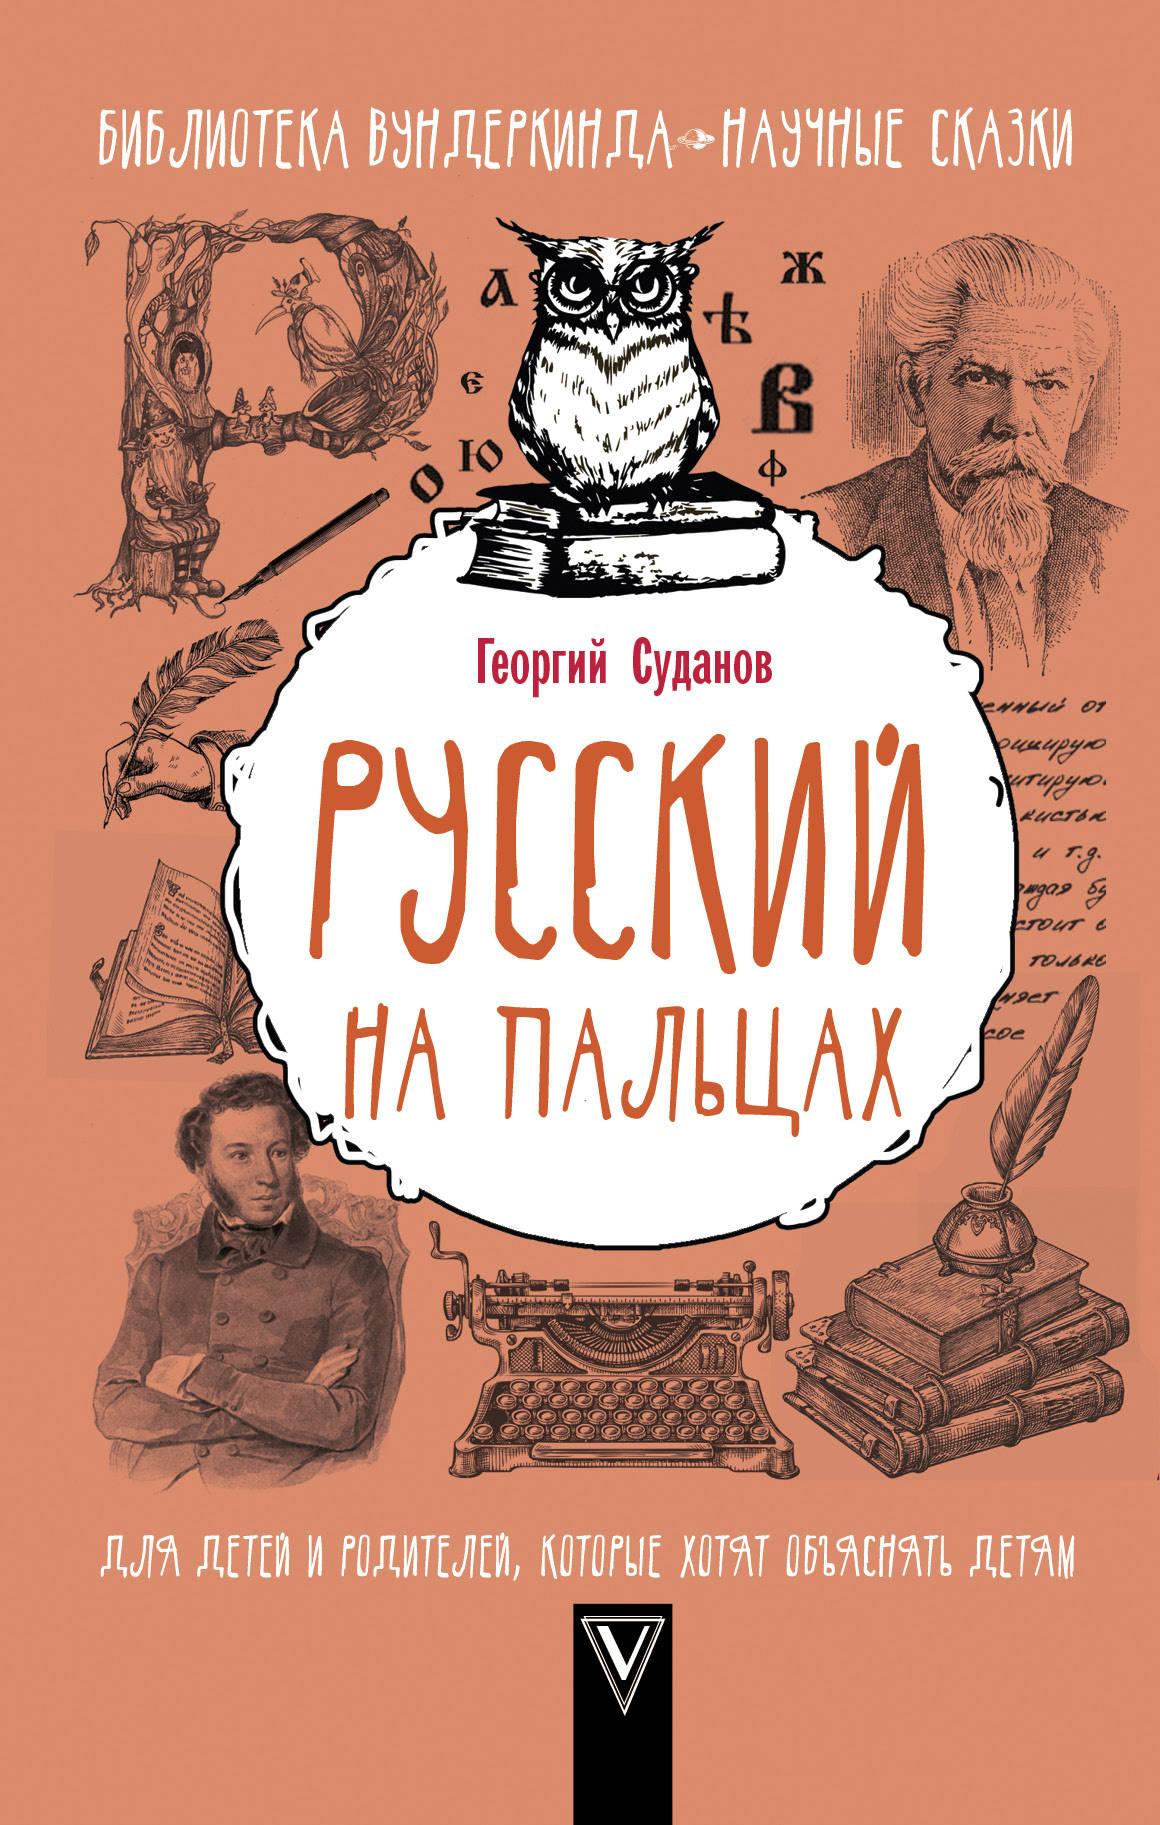 Георгий Суданов Русский язык на пальцах